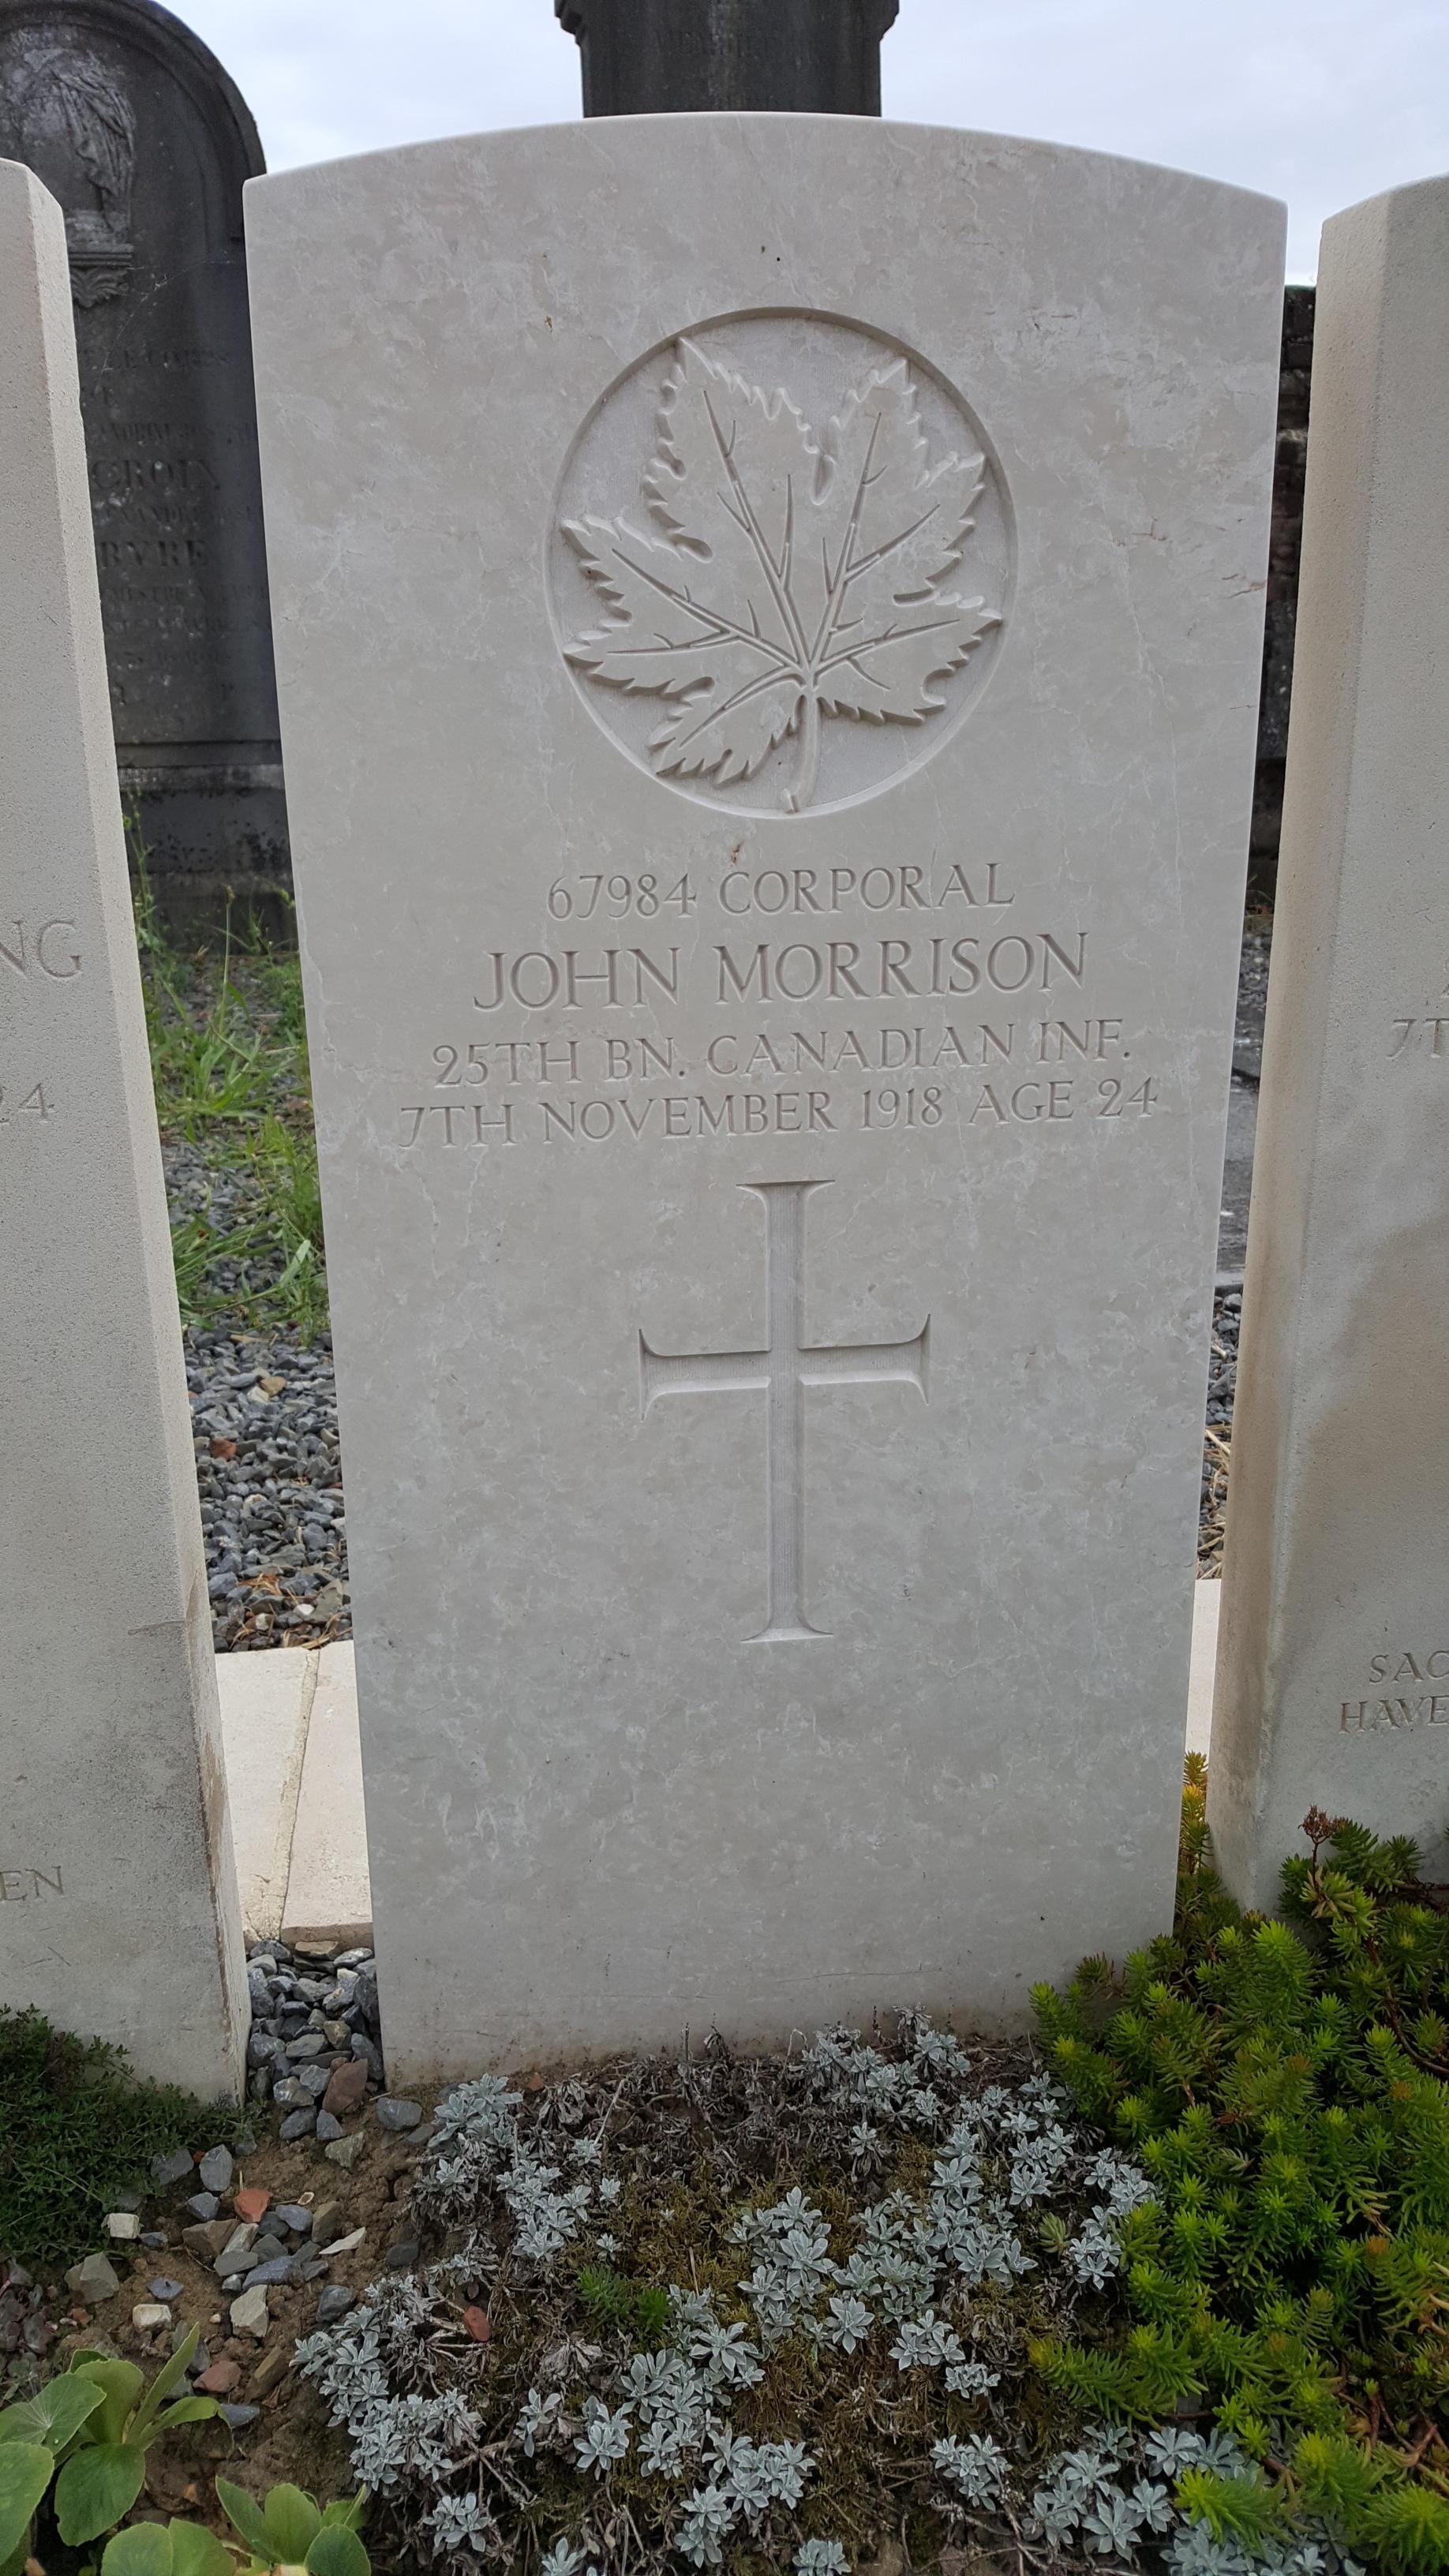 Grave marker– Photo prise par Alain Rosman le 16 août 2020 au cimetière d'Elouges en Belgique.